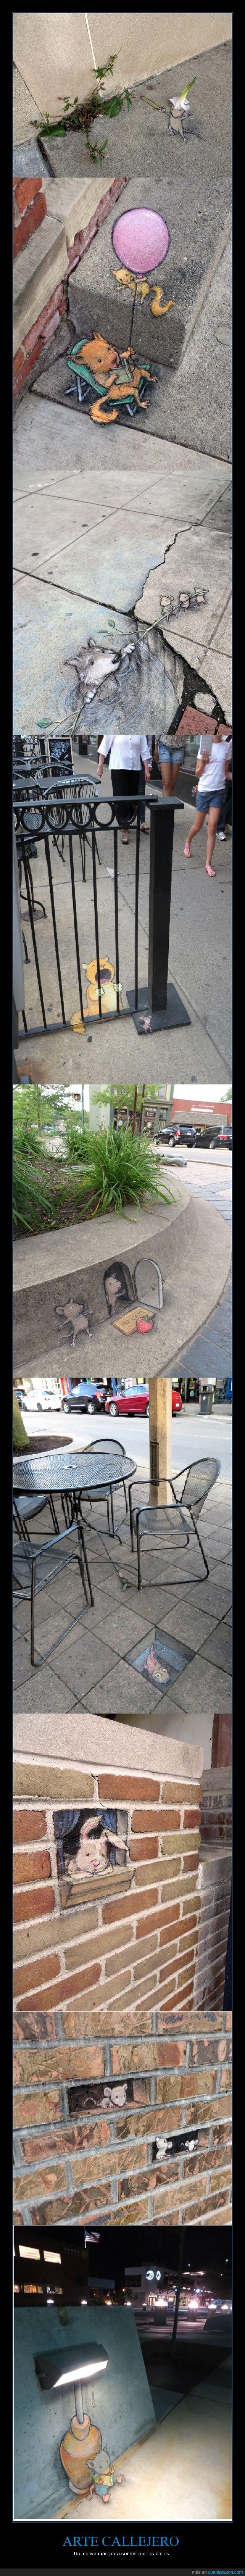 arte,cute,dibujo,graffiti,humor,ingenio,mono,pintura,ratones